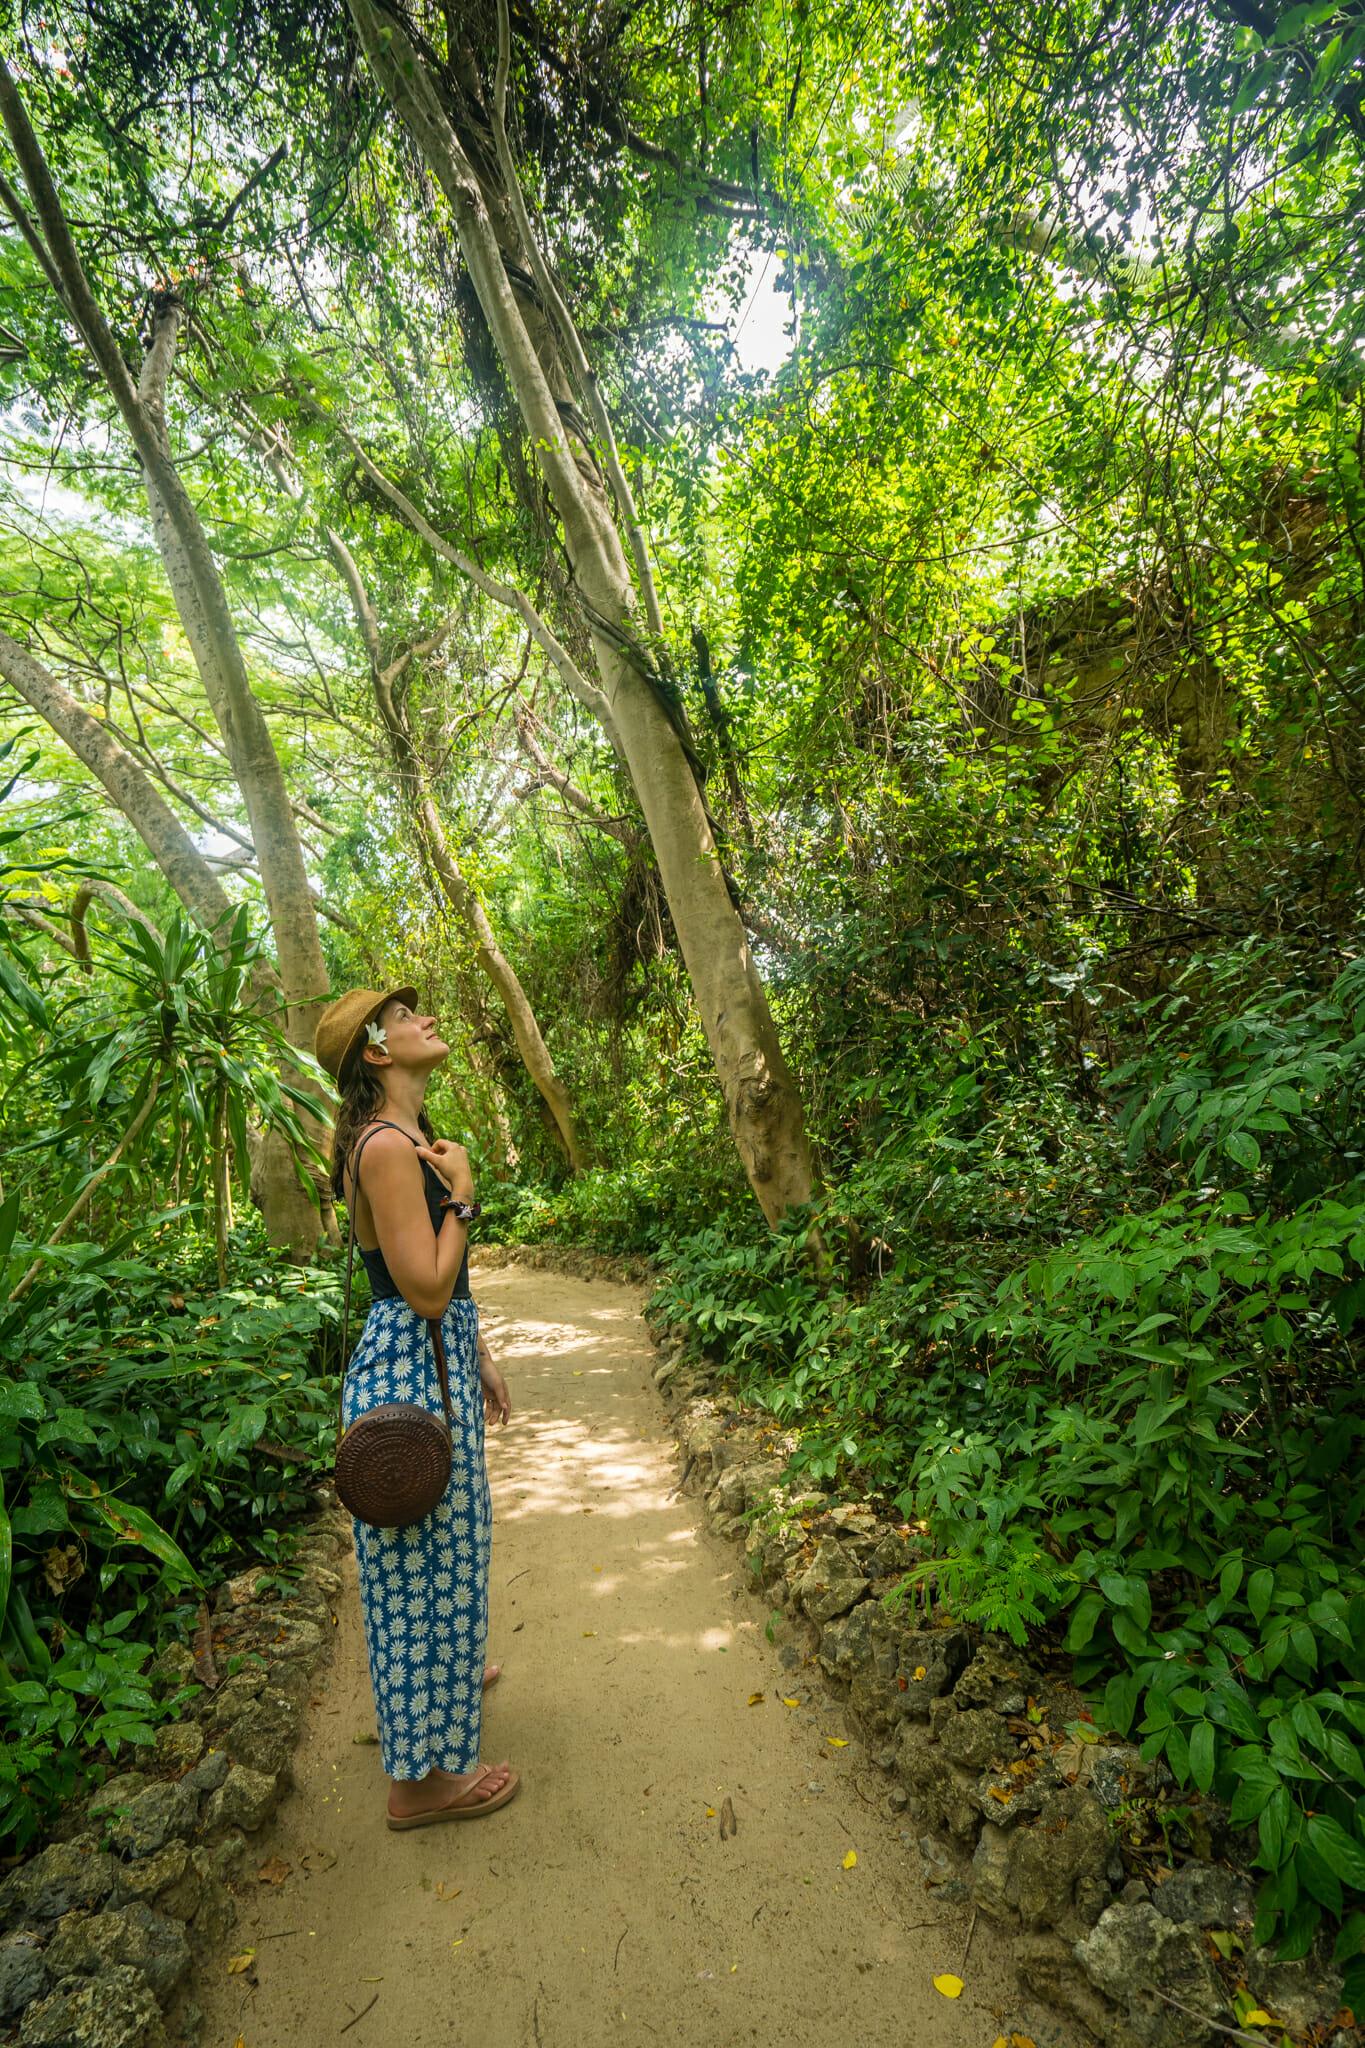 Végétation luxuriante sur l'île de Chole